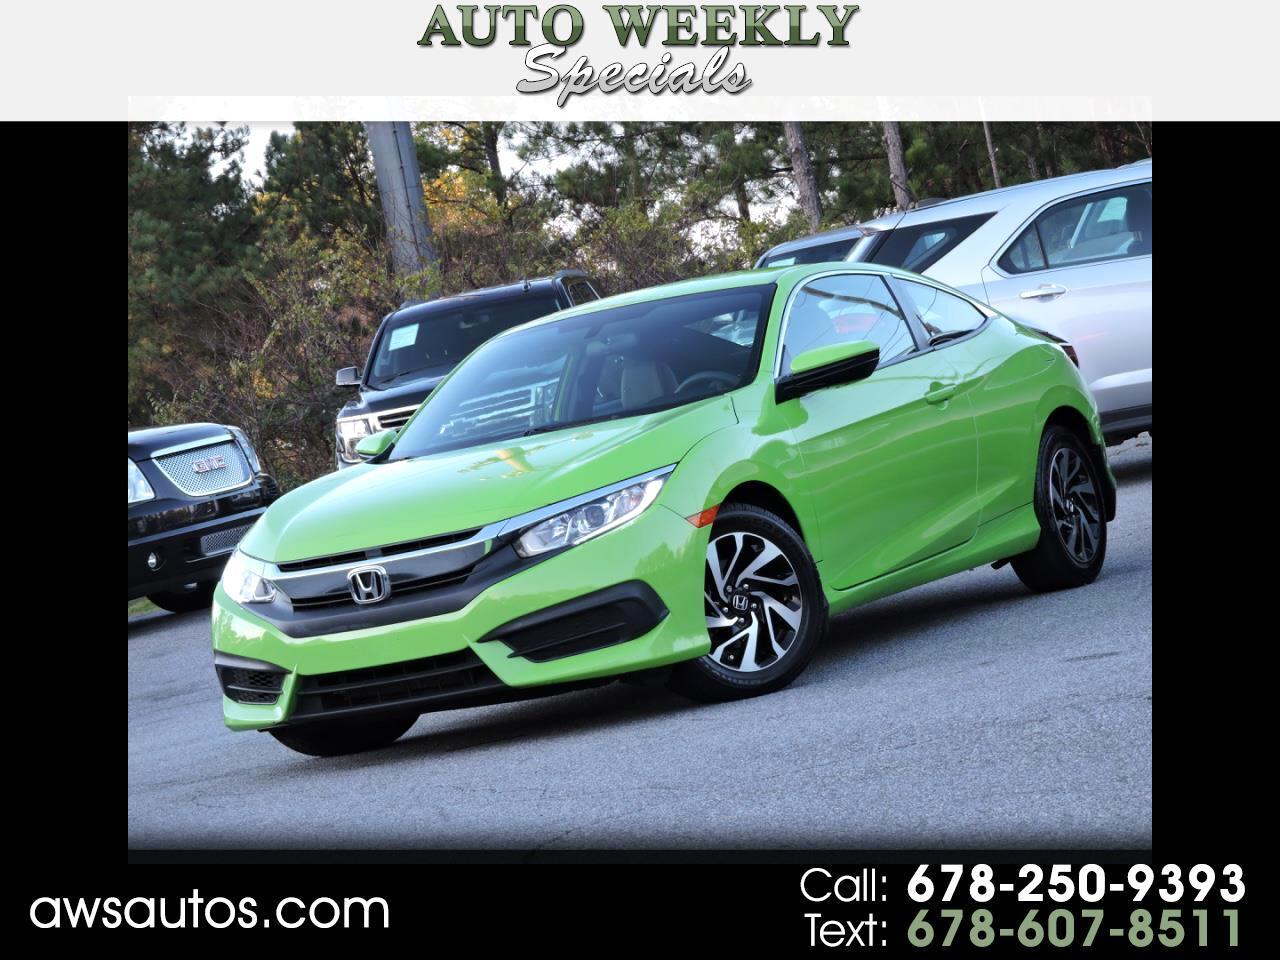 2016 Honda Civic Coupe 2dr CVT LX